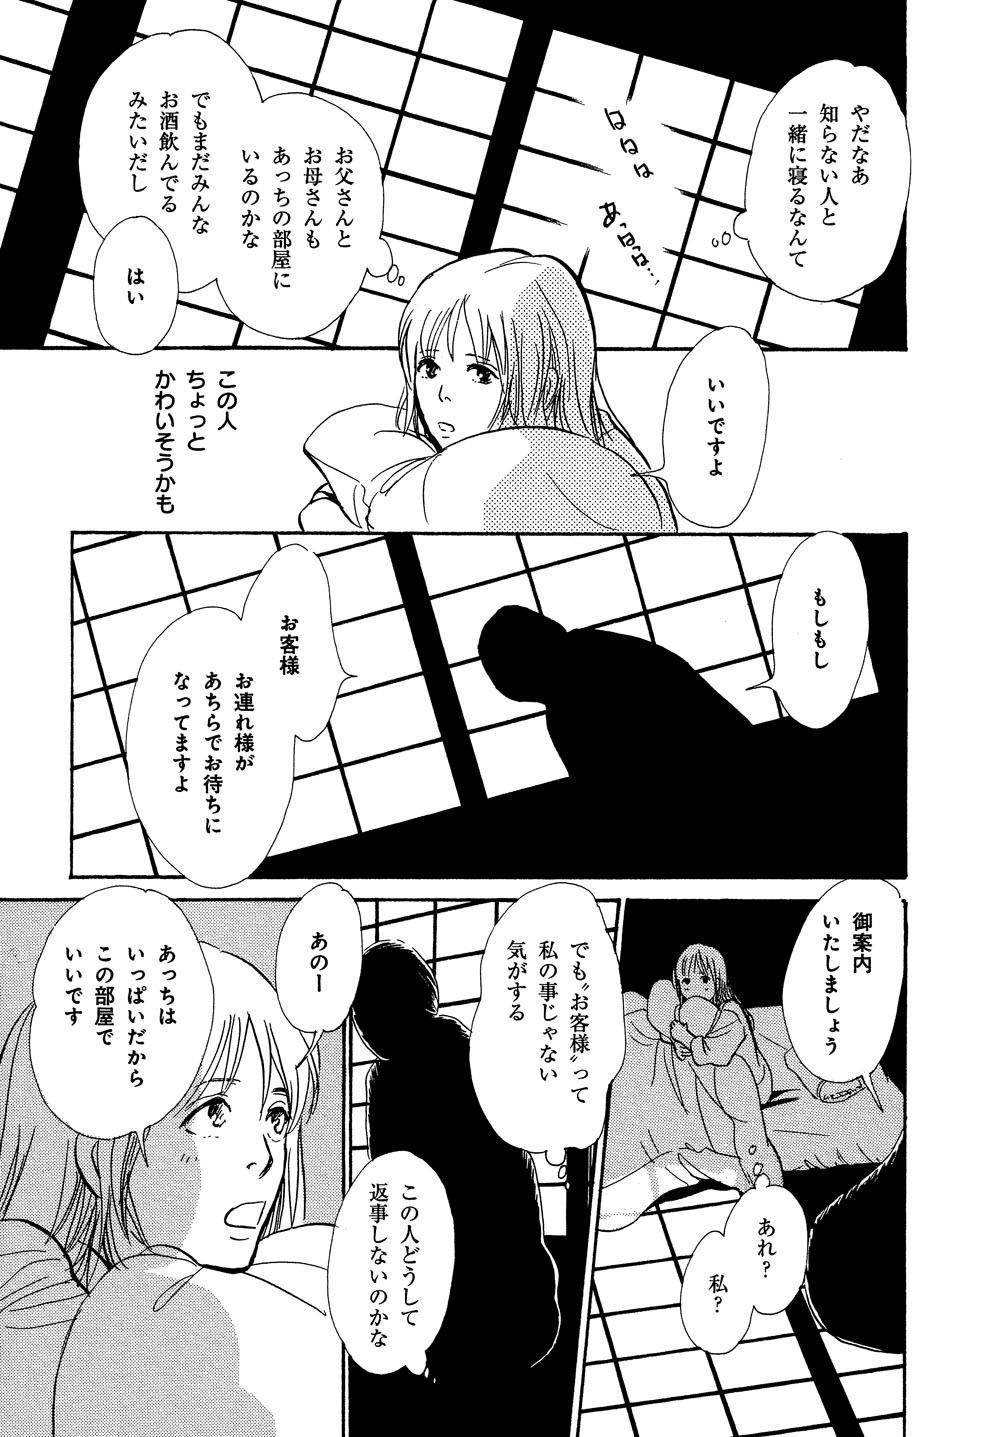 hyakki_0020_0025.jpg